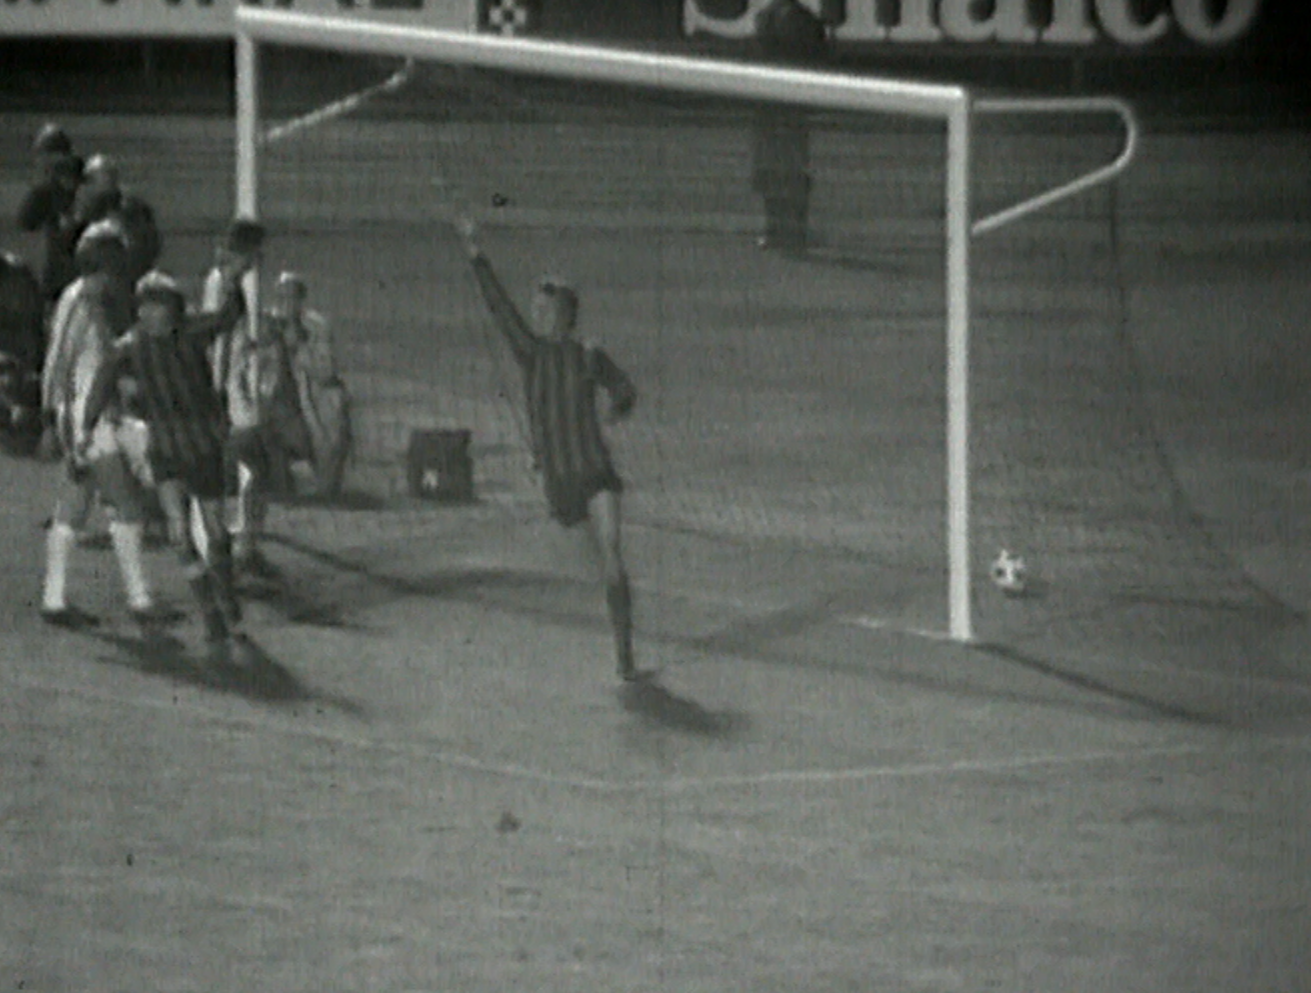 Tak padł pierwszy gol dla The Citizens. Francis Lee wygrał pojedynek na skrzydle z Alfredem Olkiem i z ostrego kąta strzelił na bramkę zabrzan. Hubert Kostka wypuścił śliską piłkę z rąk, co natychmiast wykorzystał Neil Young, posyłając ją do siatki.